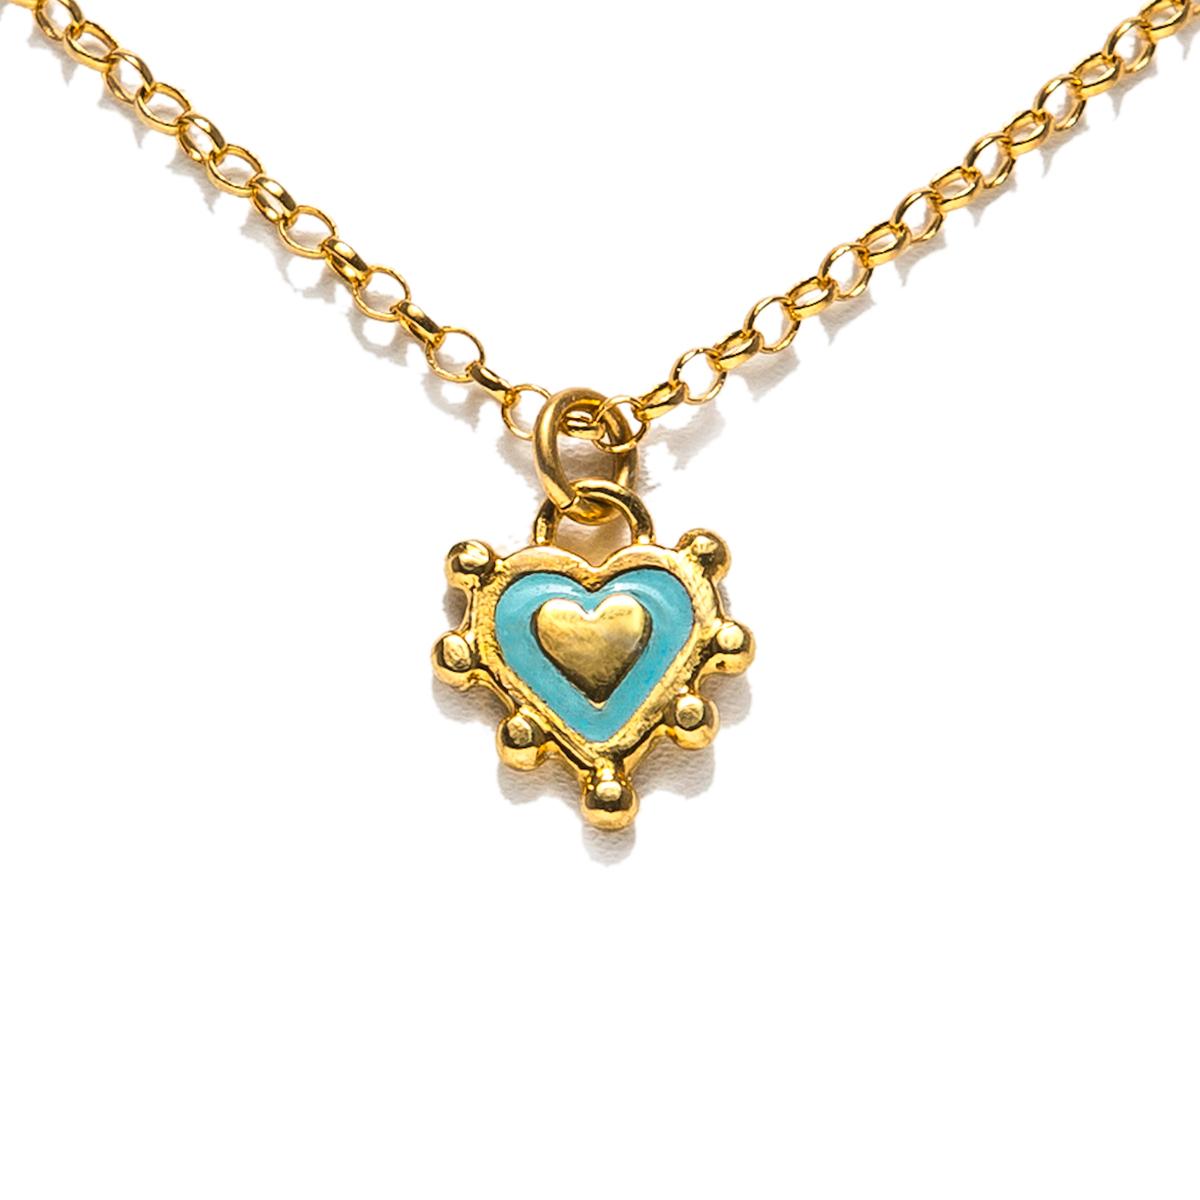 sophie harley pendant.jpg